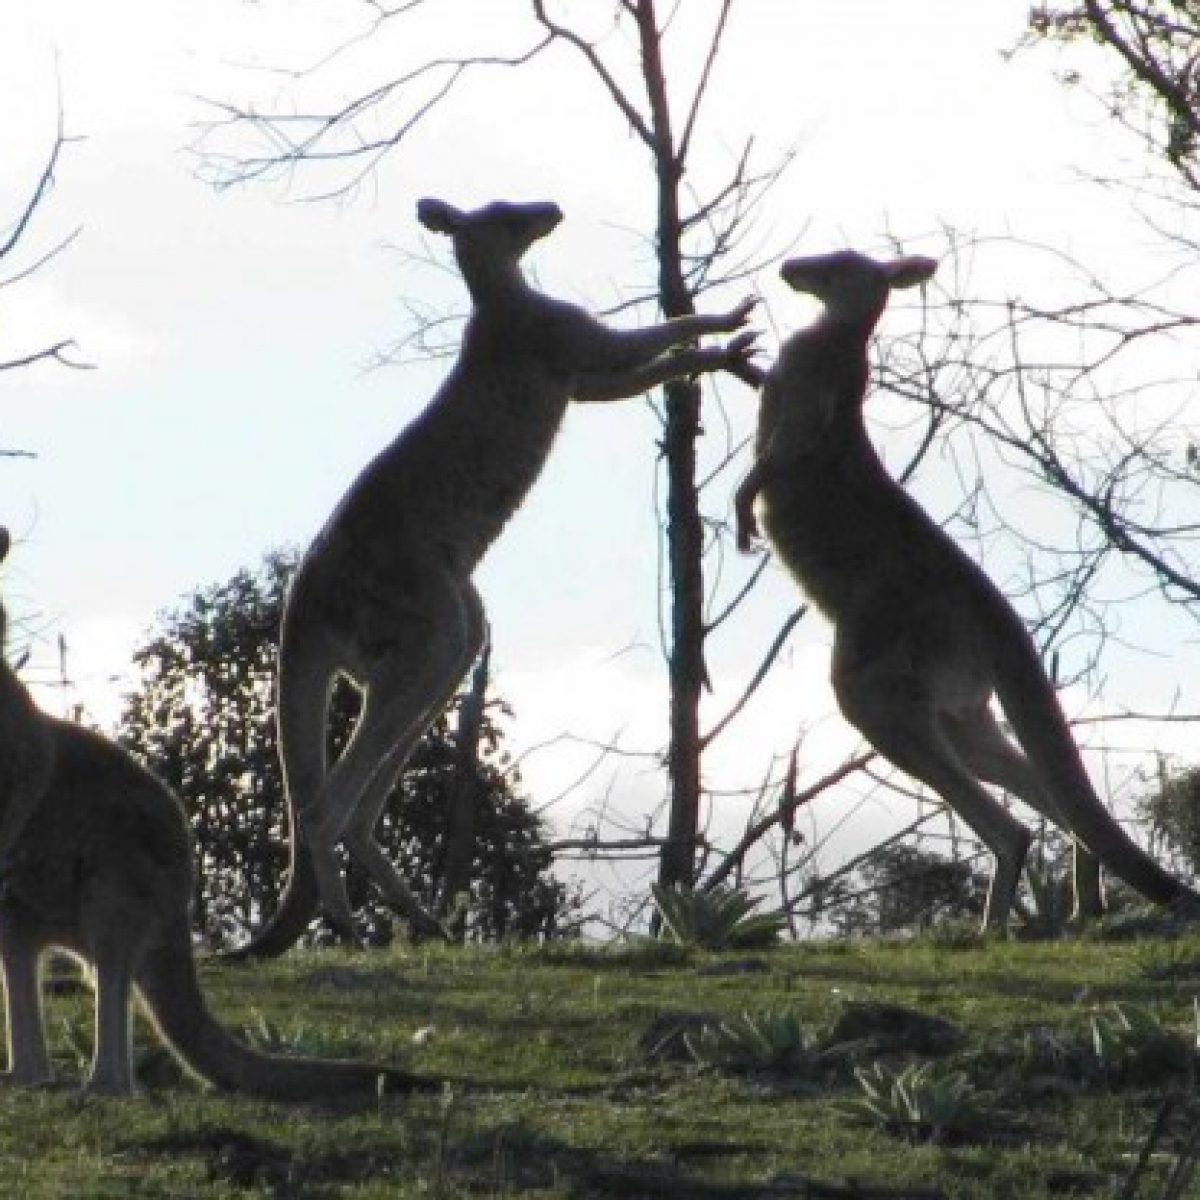 Boxing kangaroos #2